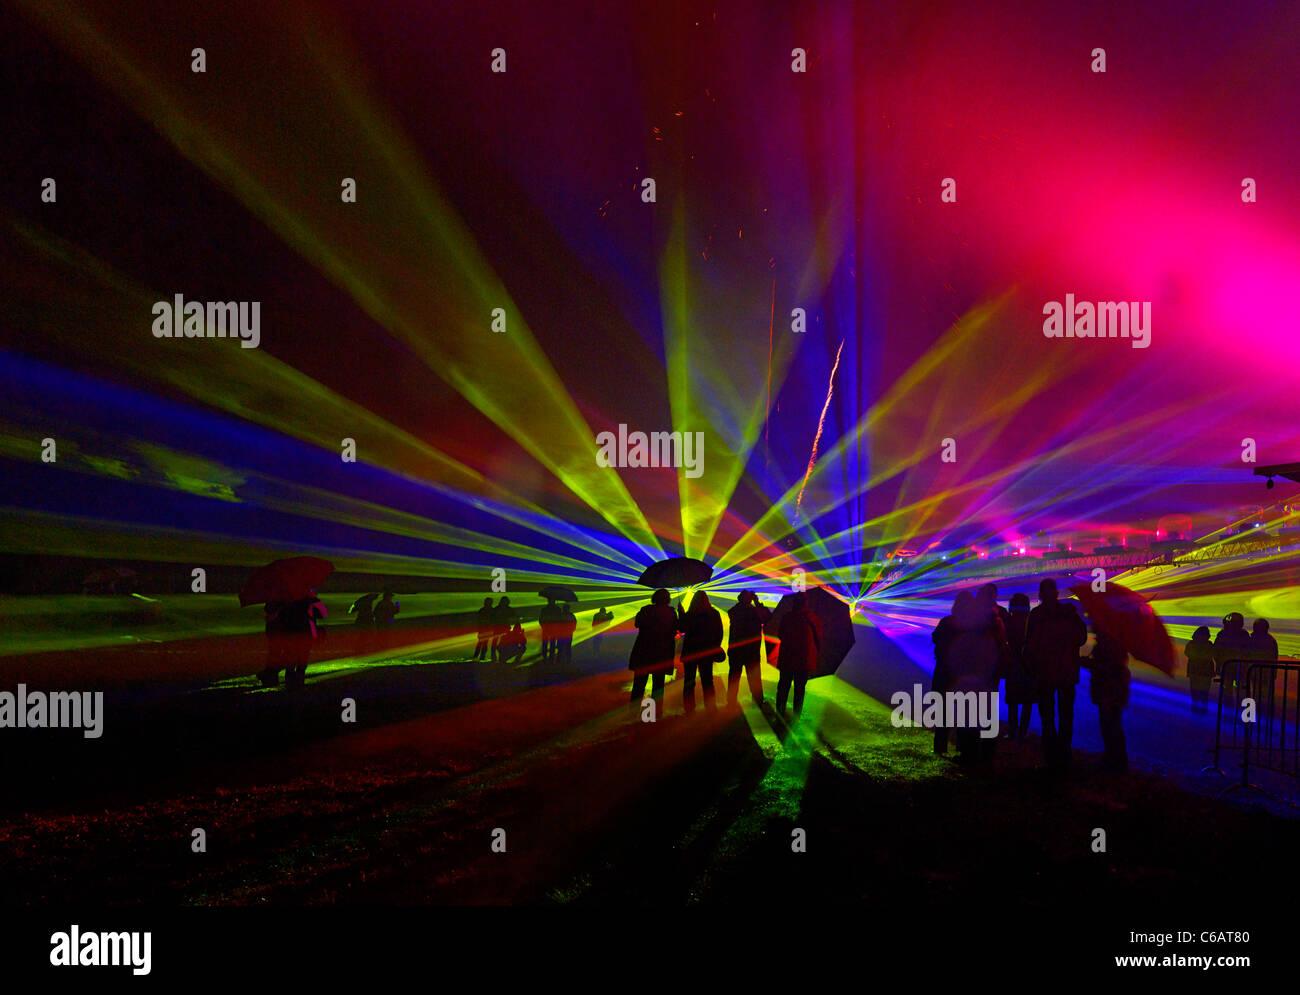 Licht, Kunst, Lasershow, Multimediashow, Pyro Show, Ostern Lichter, Kalkriese, Osnabrück Bezirk, untere Niedersachsen, Stockbild